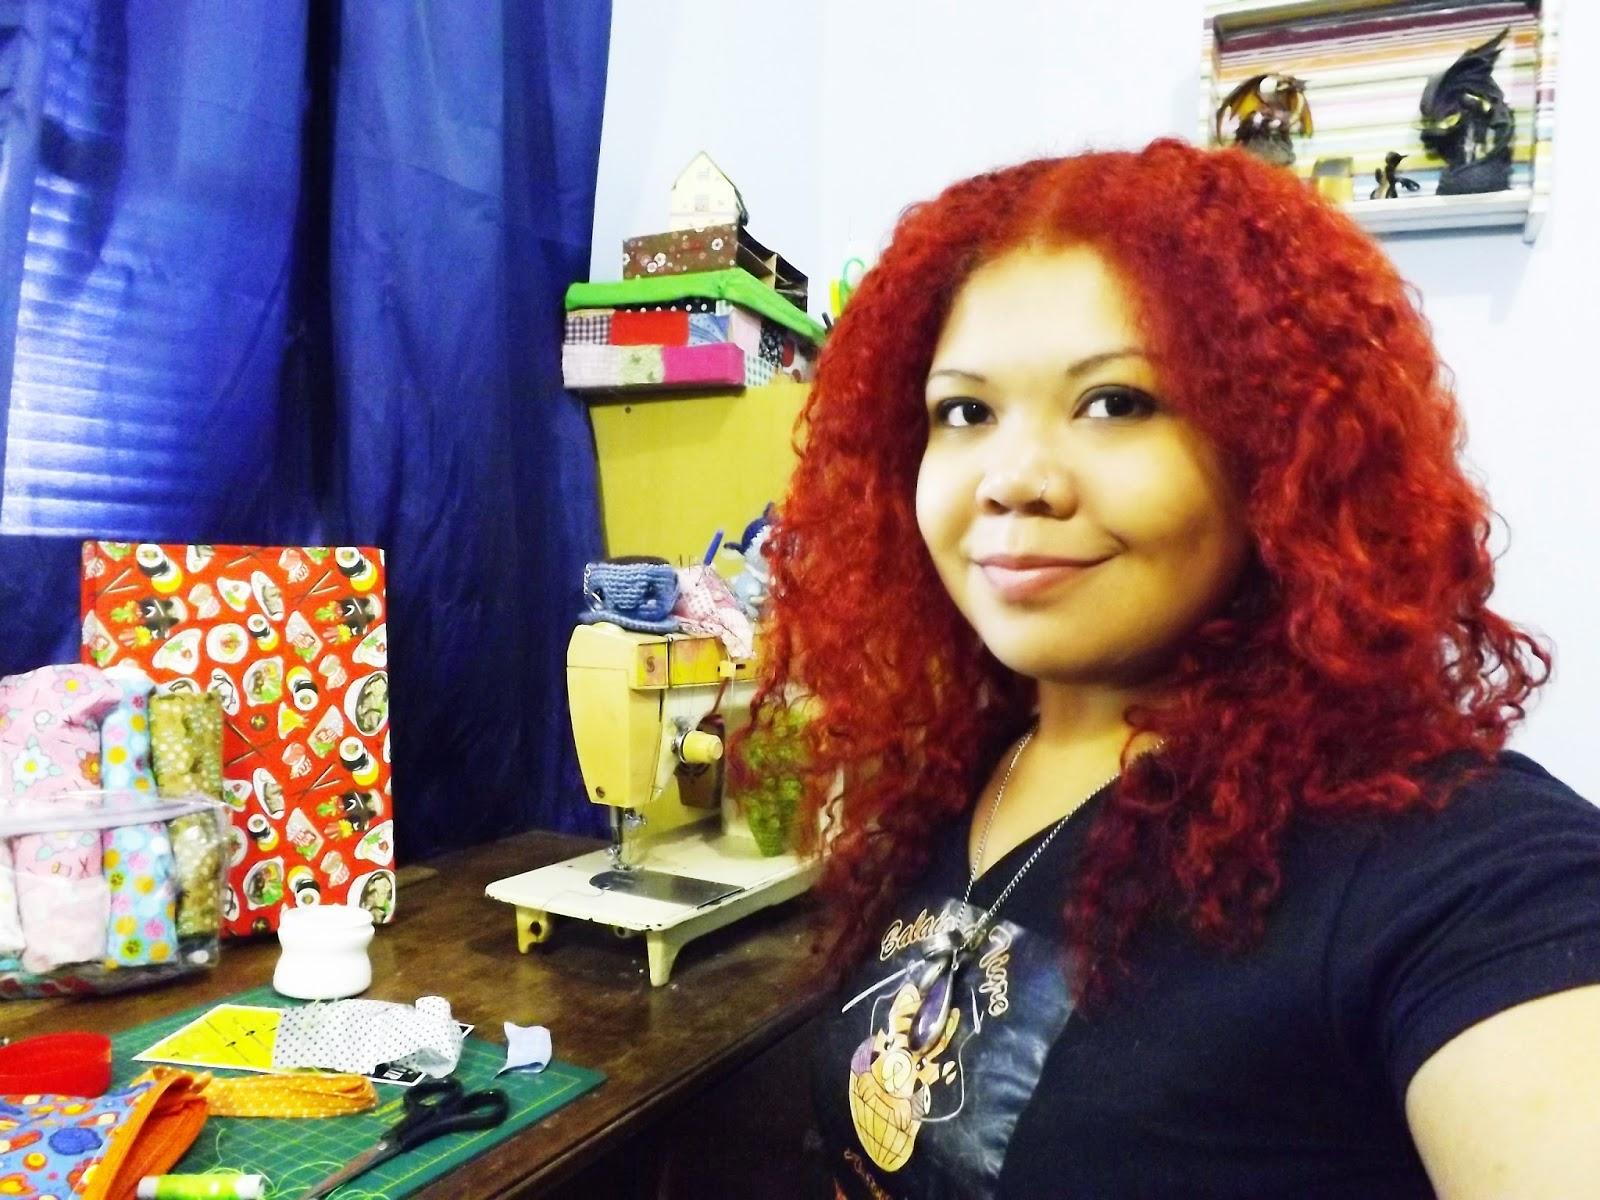 Lygia Karla Balaio de Tigre Artesanato amigurumi artesã